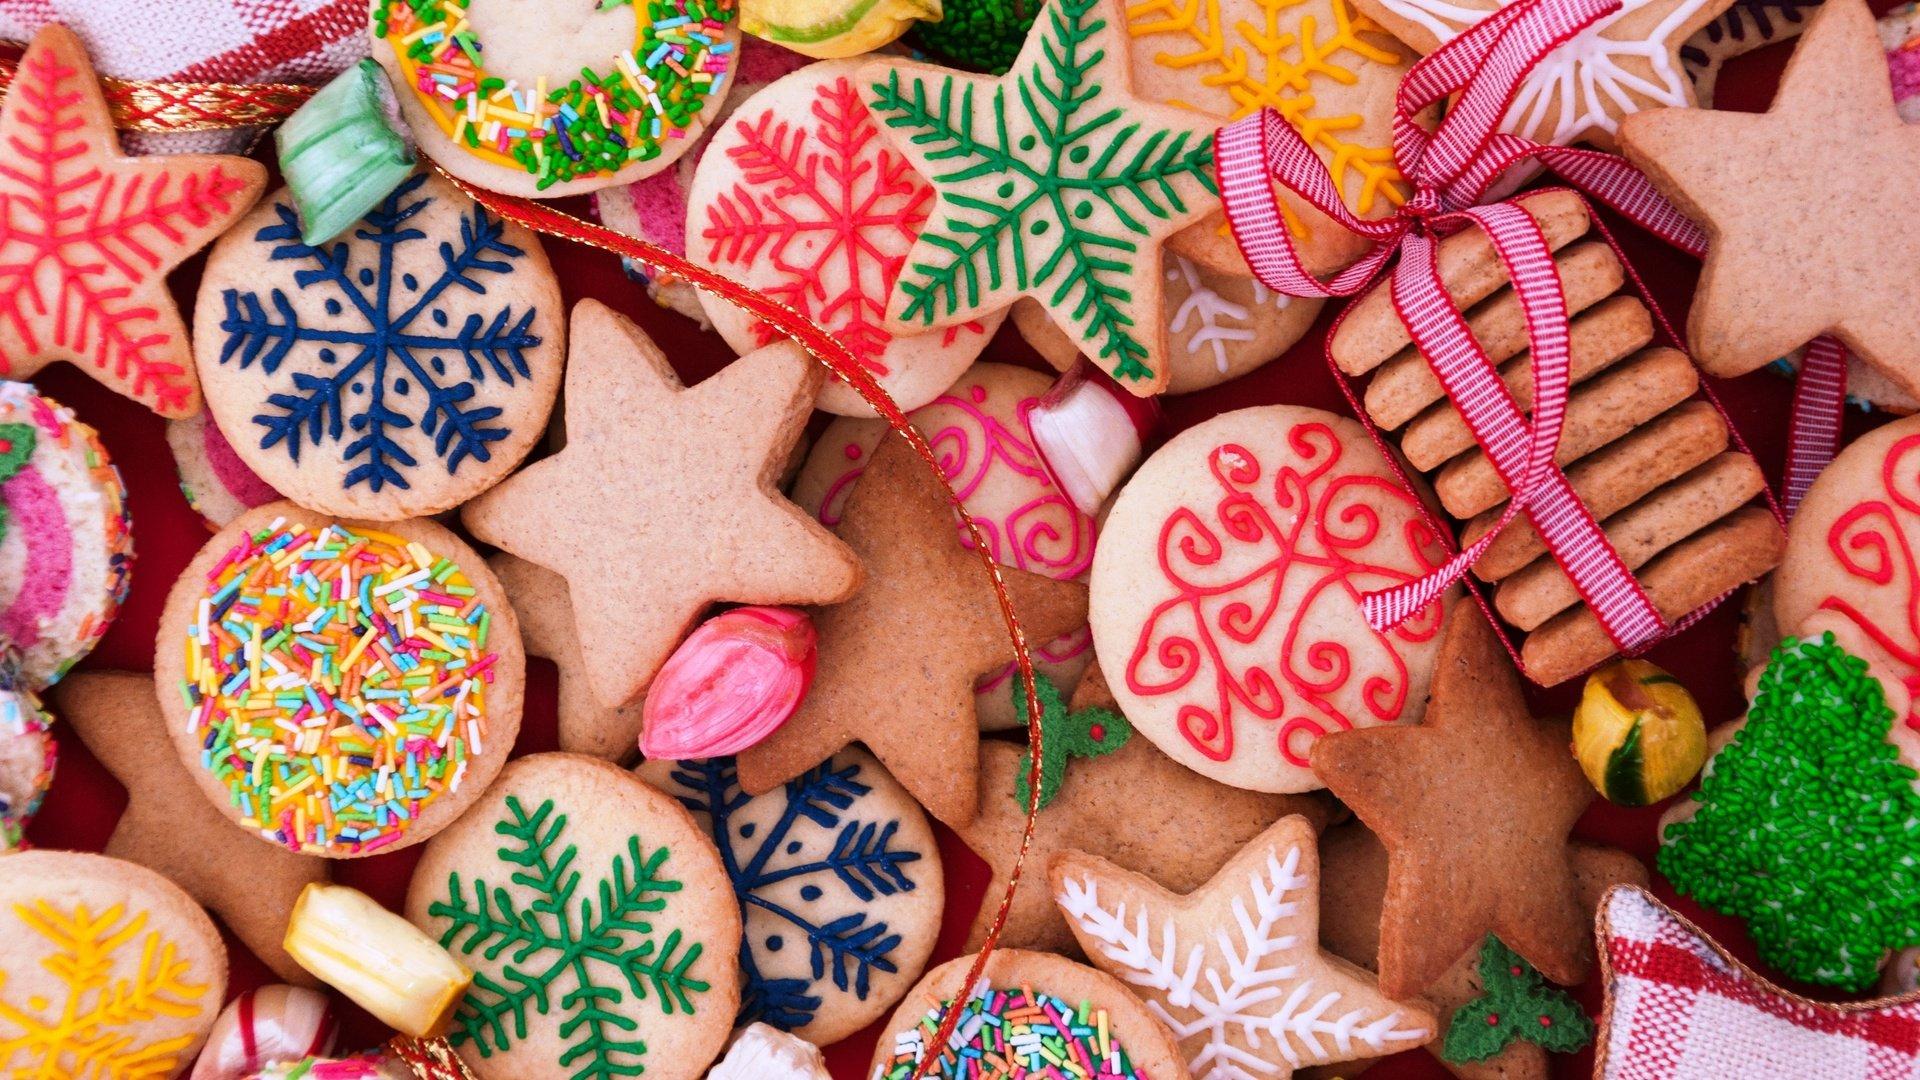 светлые отзывы печенье на рождество фото коллекционирует сувенирные